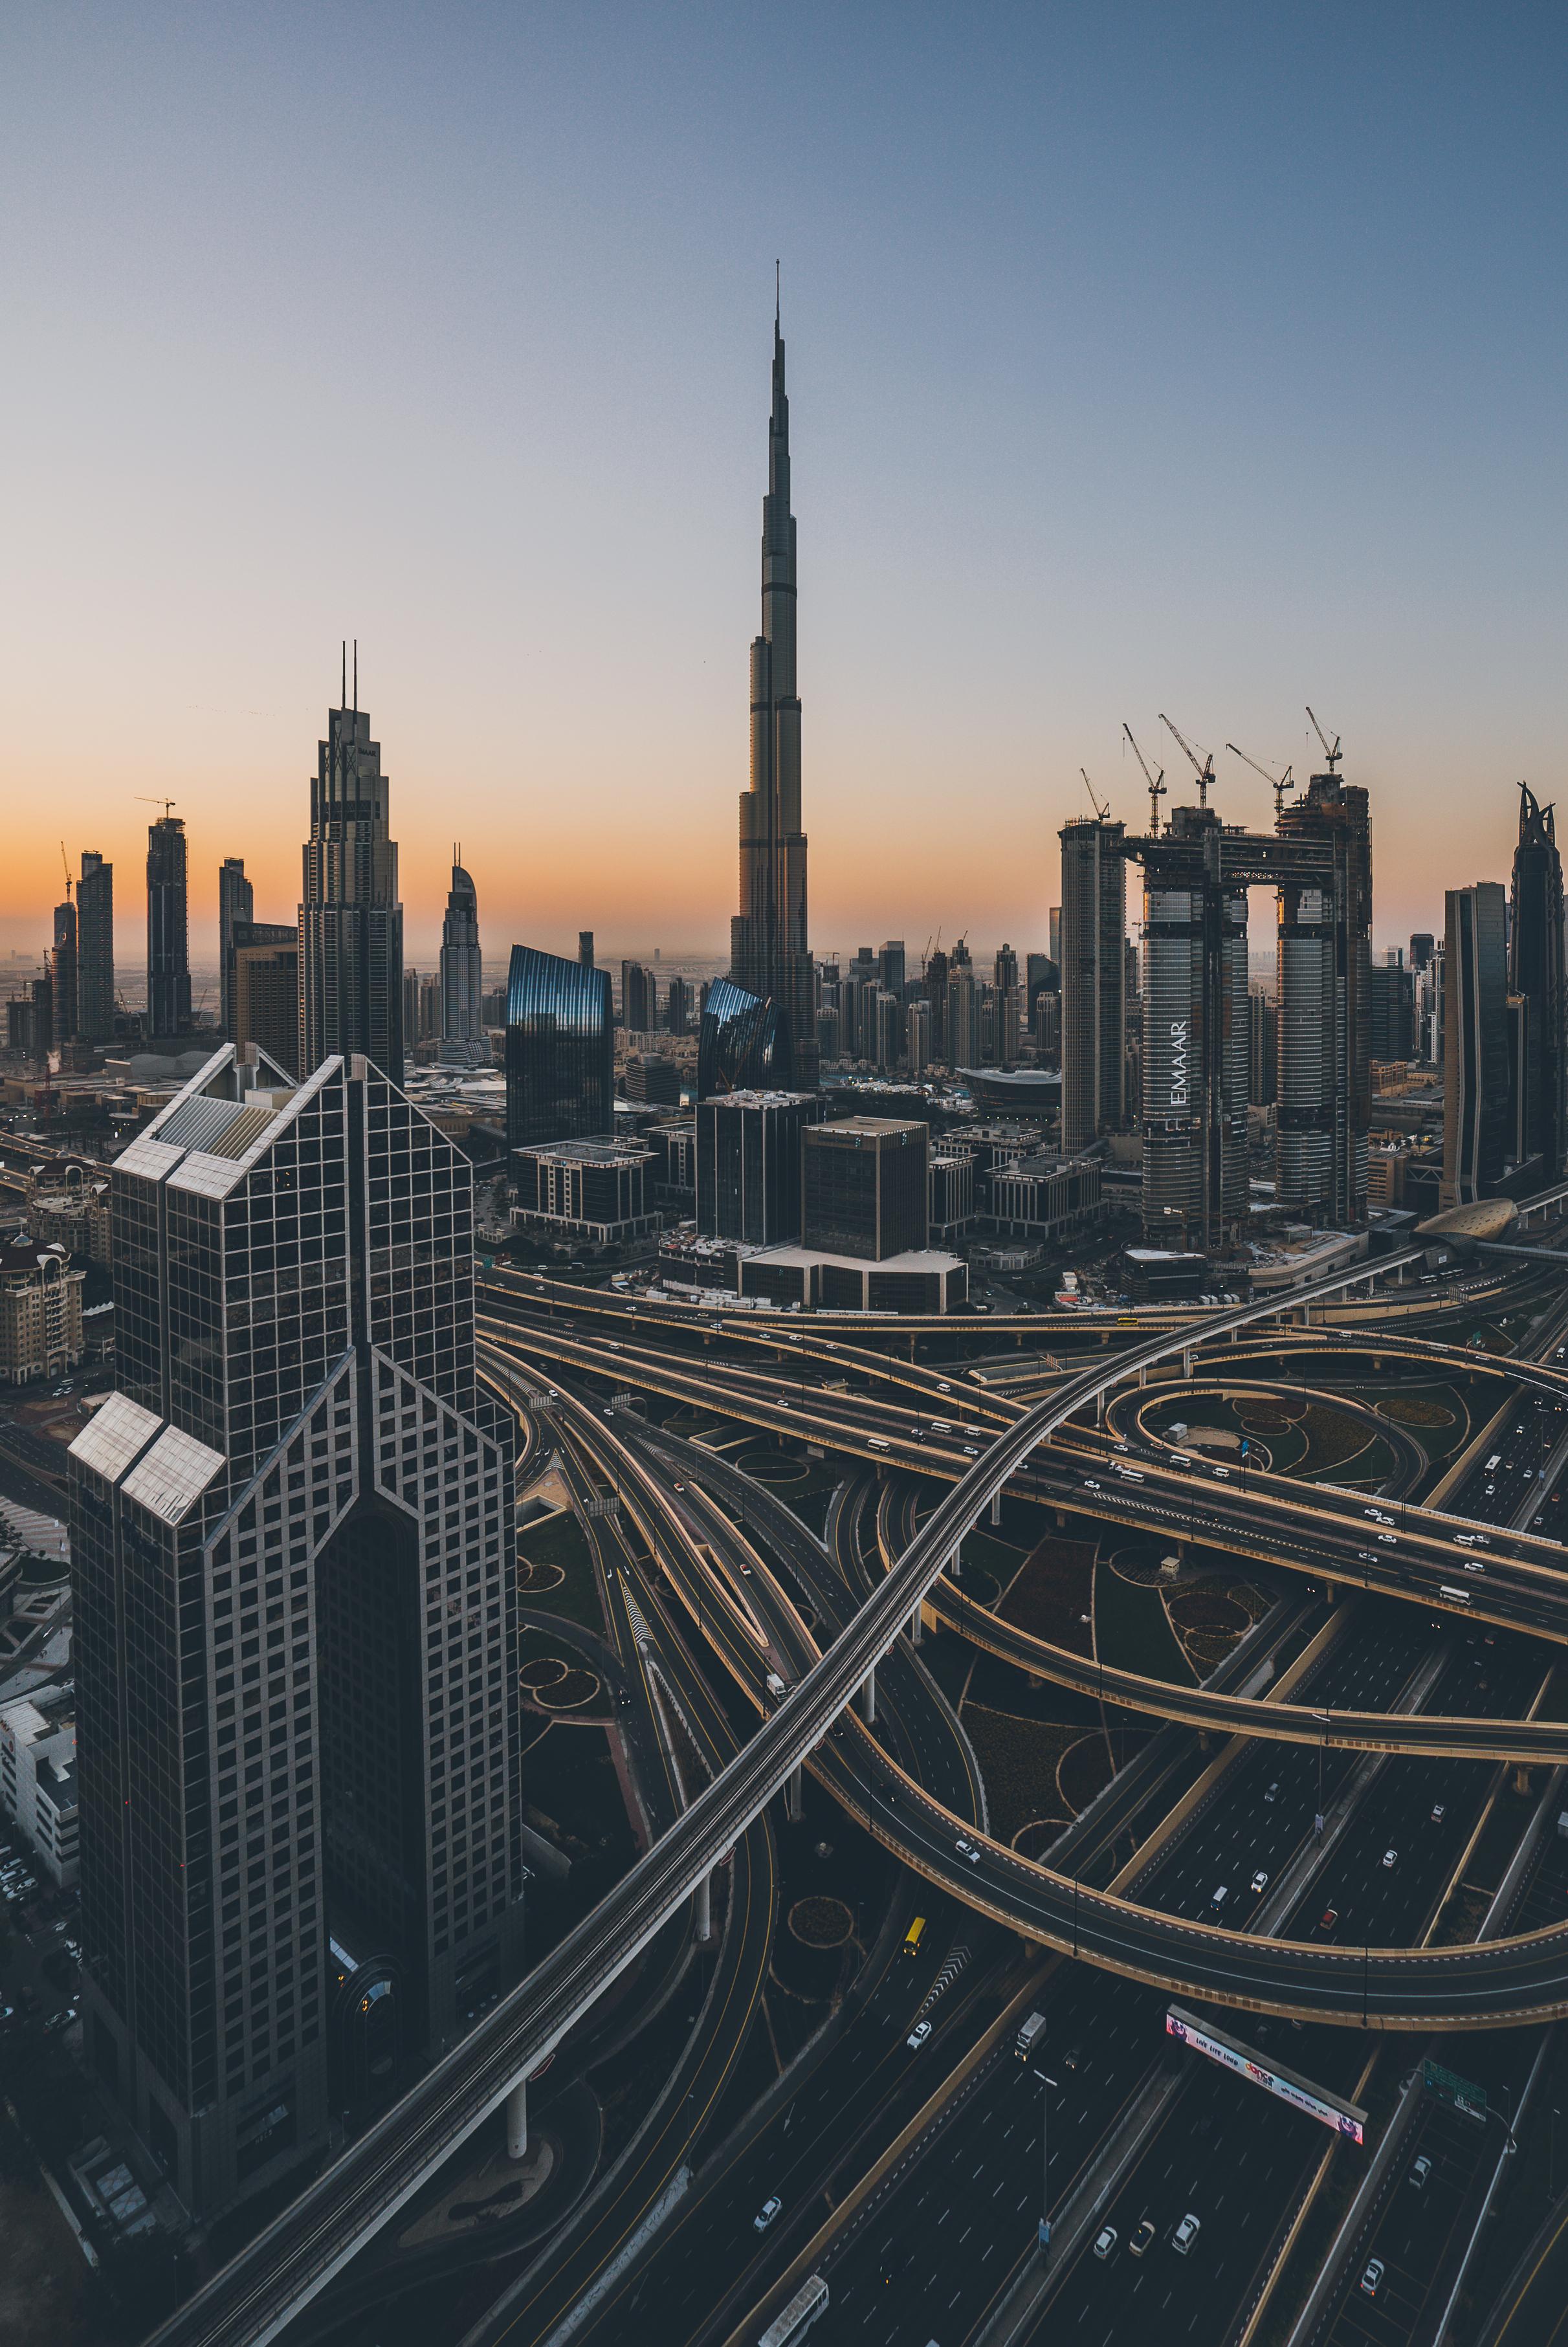 Dubai - Una ciudad llena de obras y edificios impresionantes…